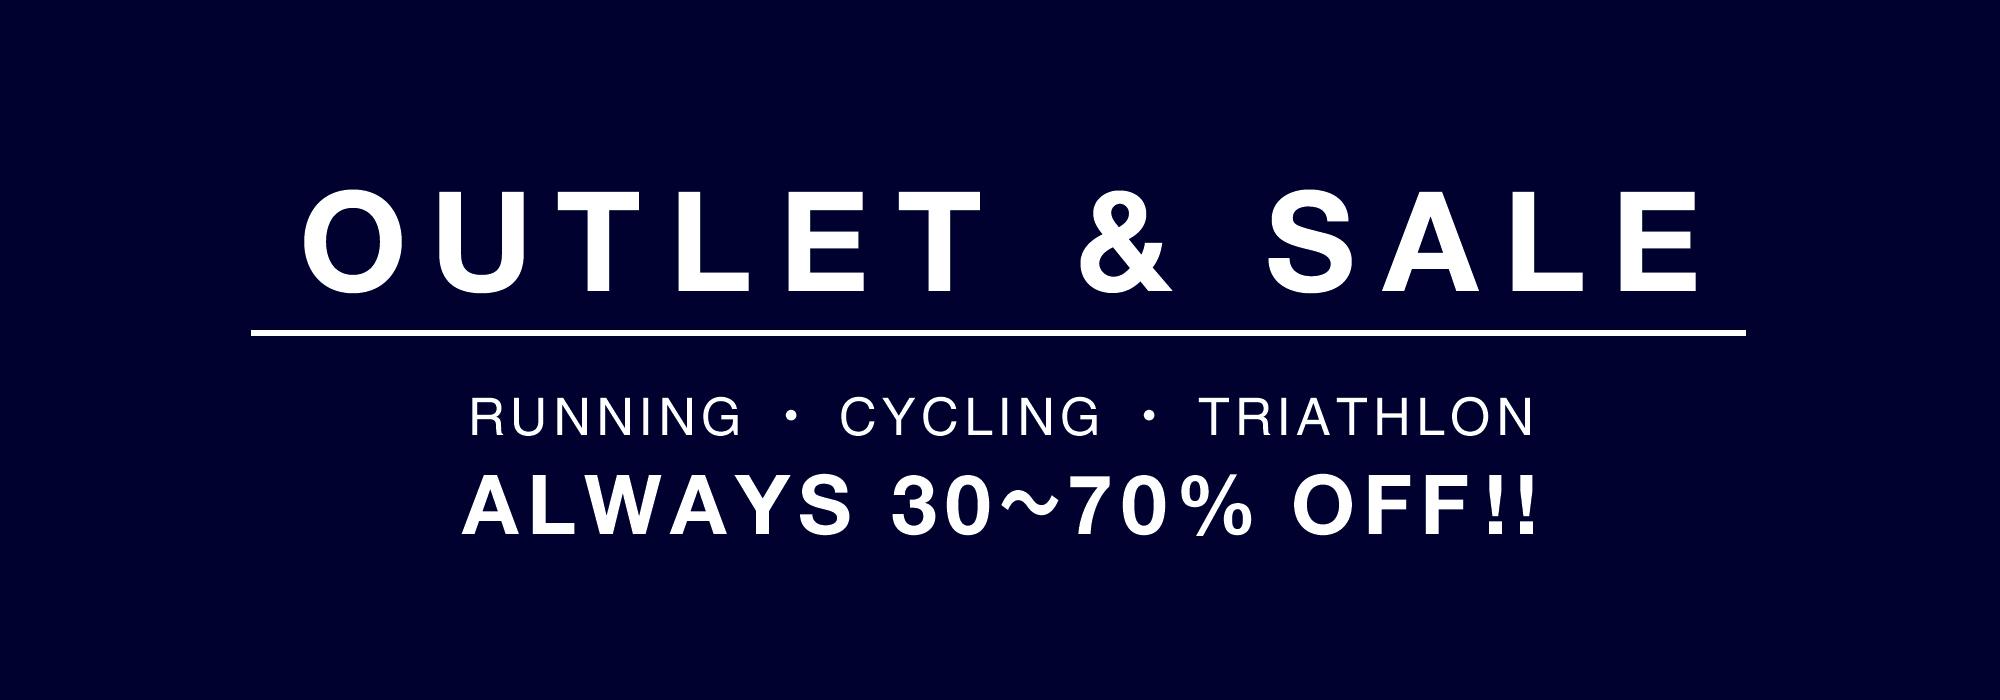 Banner sale-outlet-%E3%82%BB%E3%83%BC%E3%83%AB-%E3%82%A2%E3%82%A6%E3%83%88%E3%83%AC%E3%83%83%E3%83%88